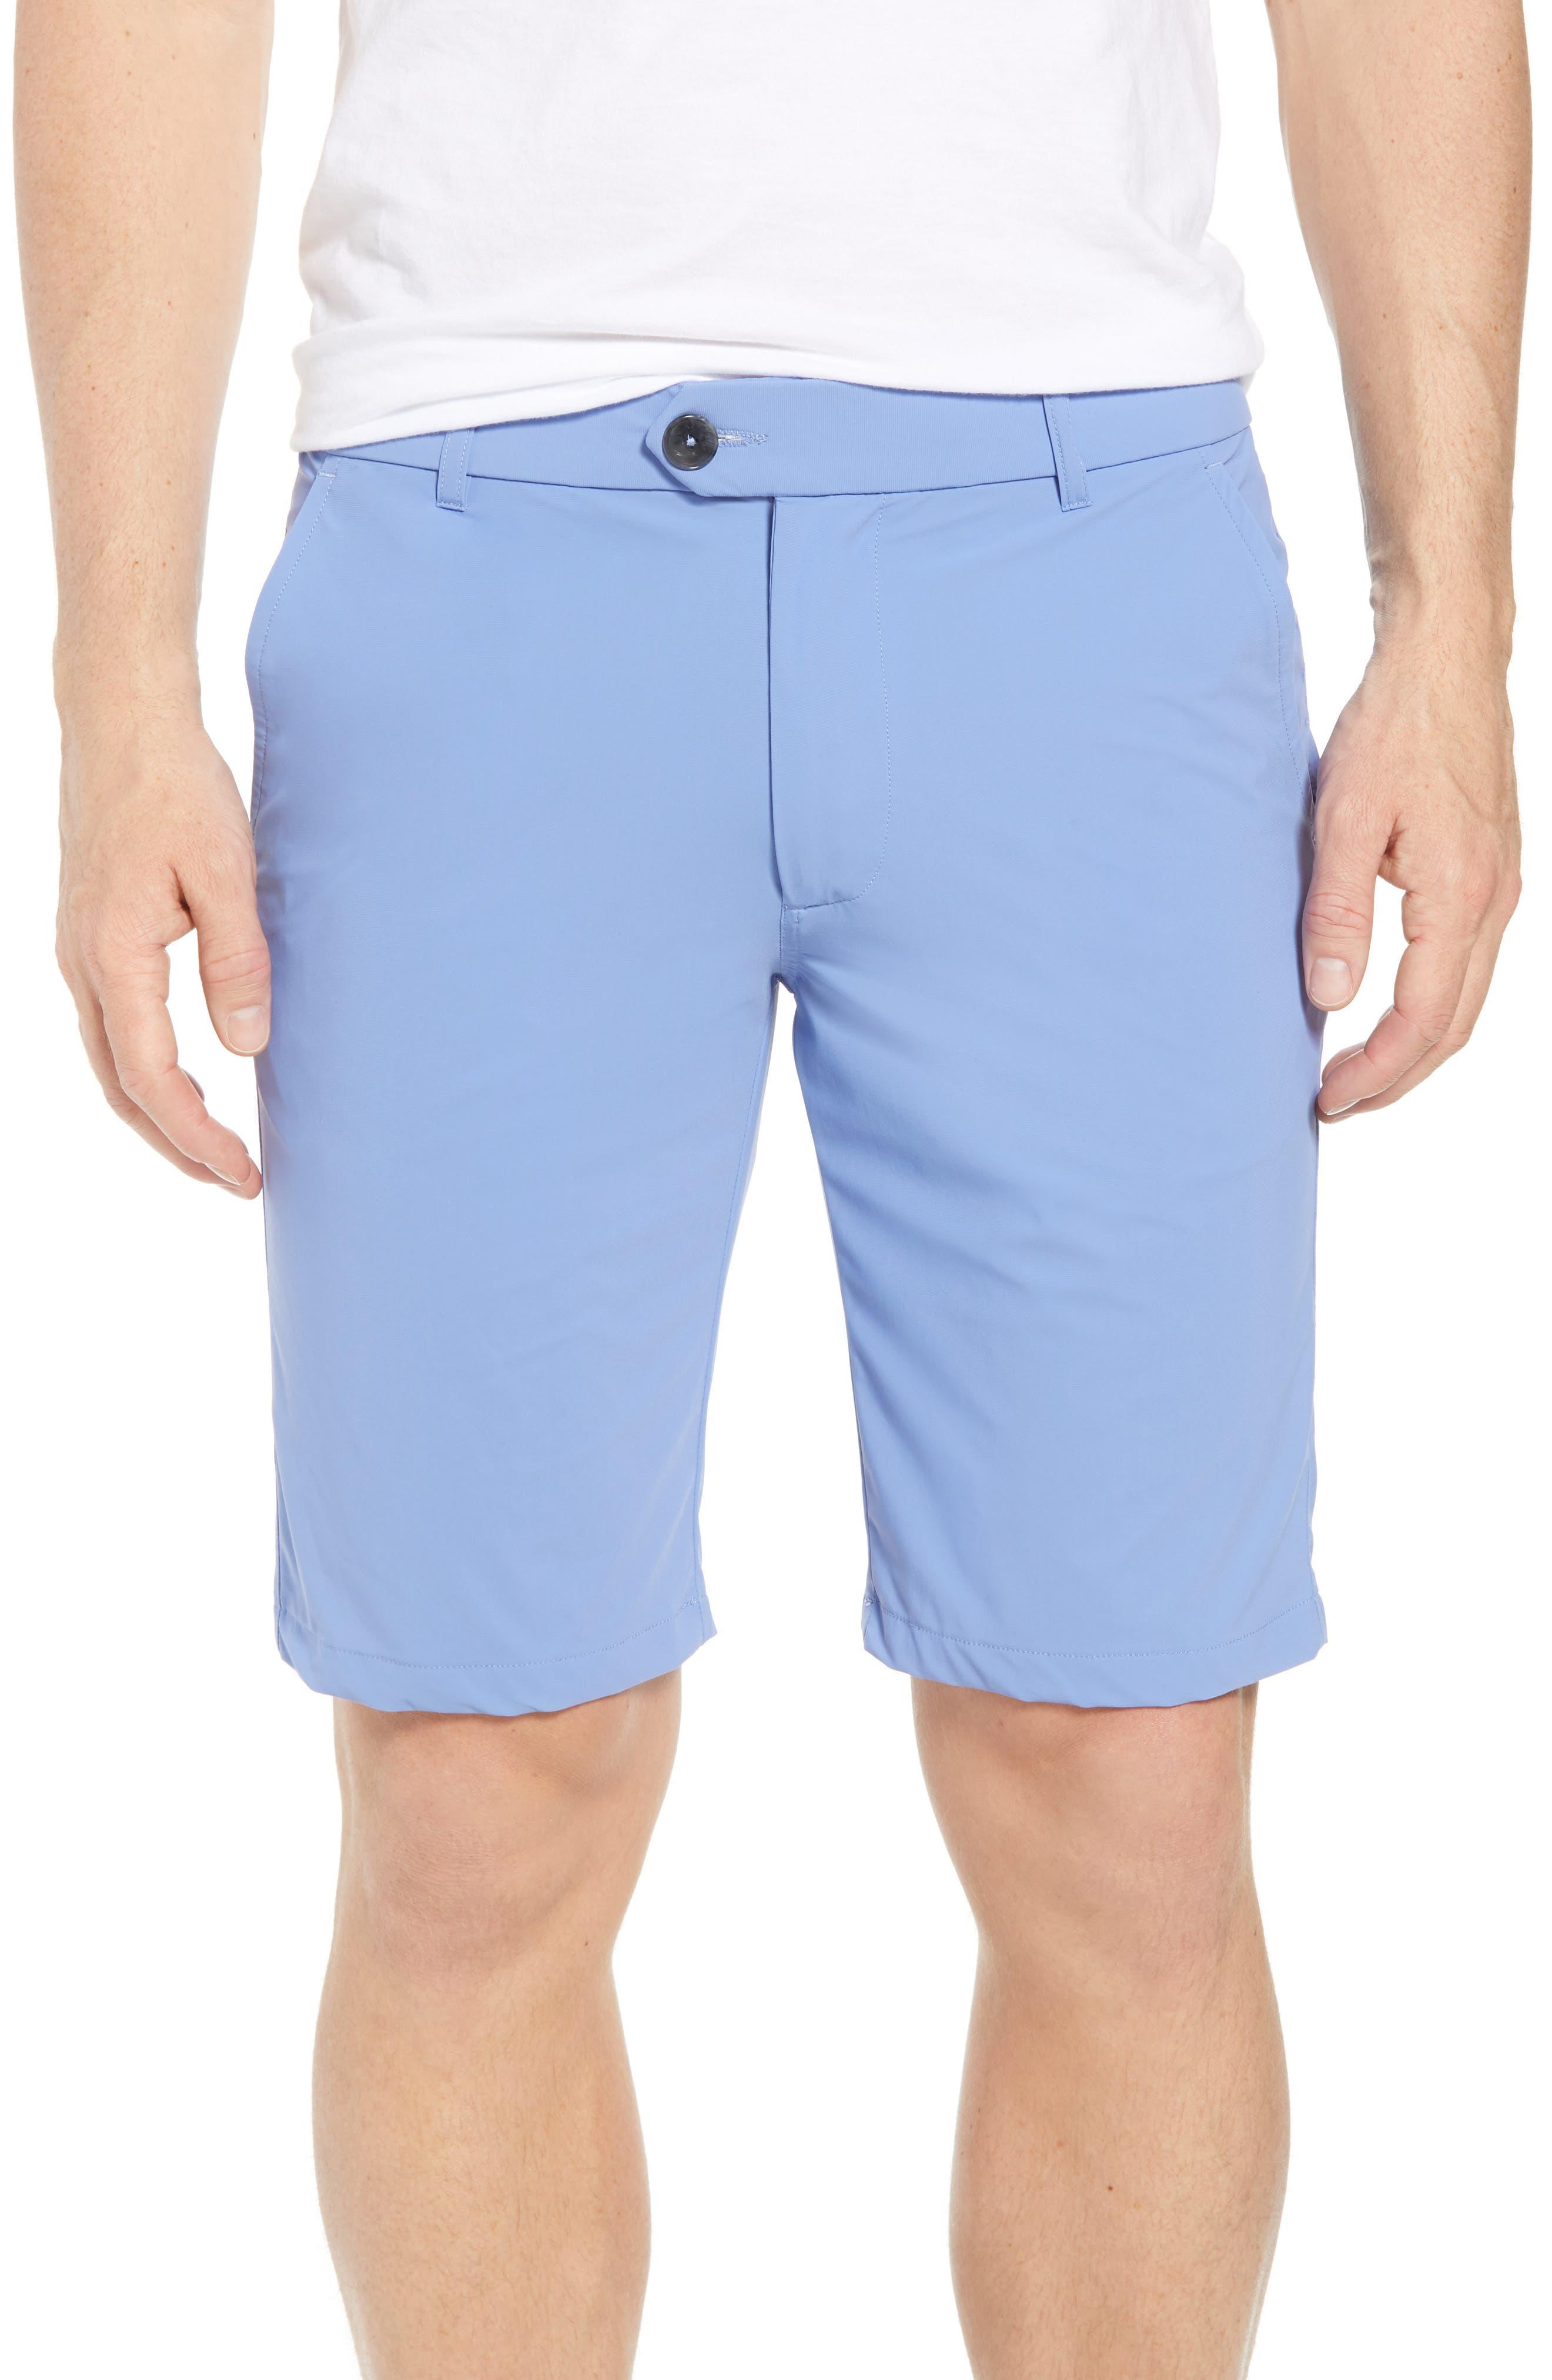 Montauk Shorts,                             Main thumbnail 1, color,                             COYOTE